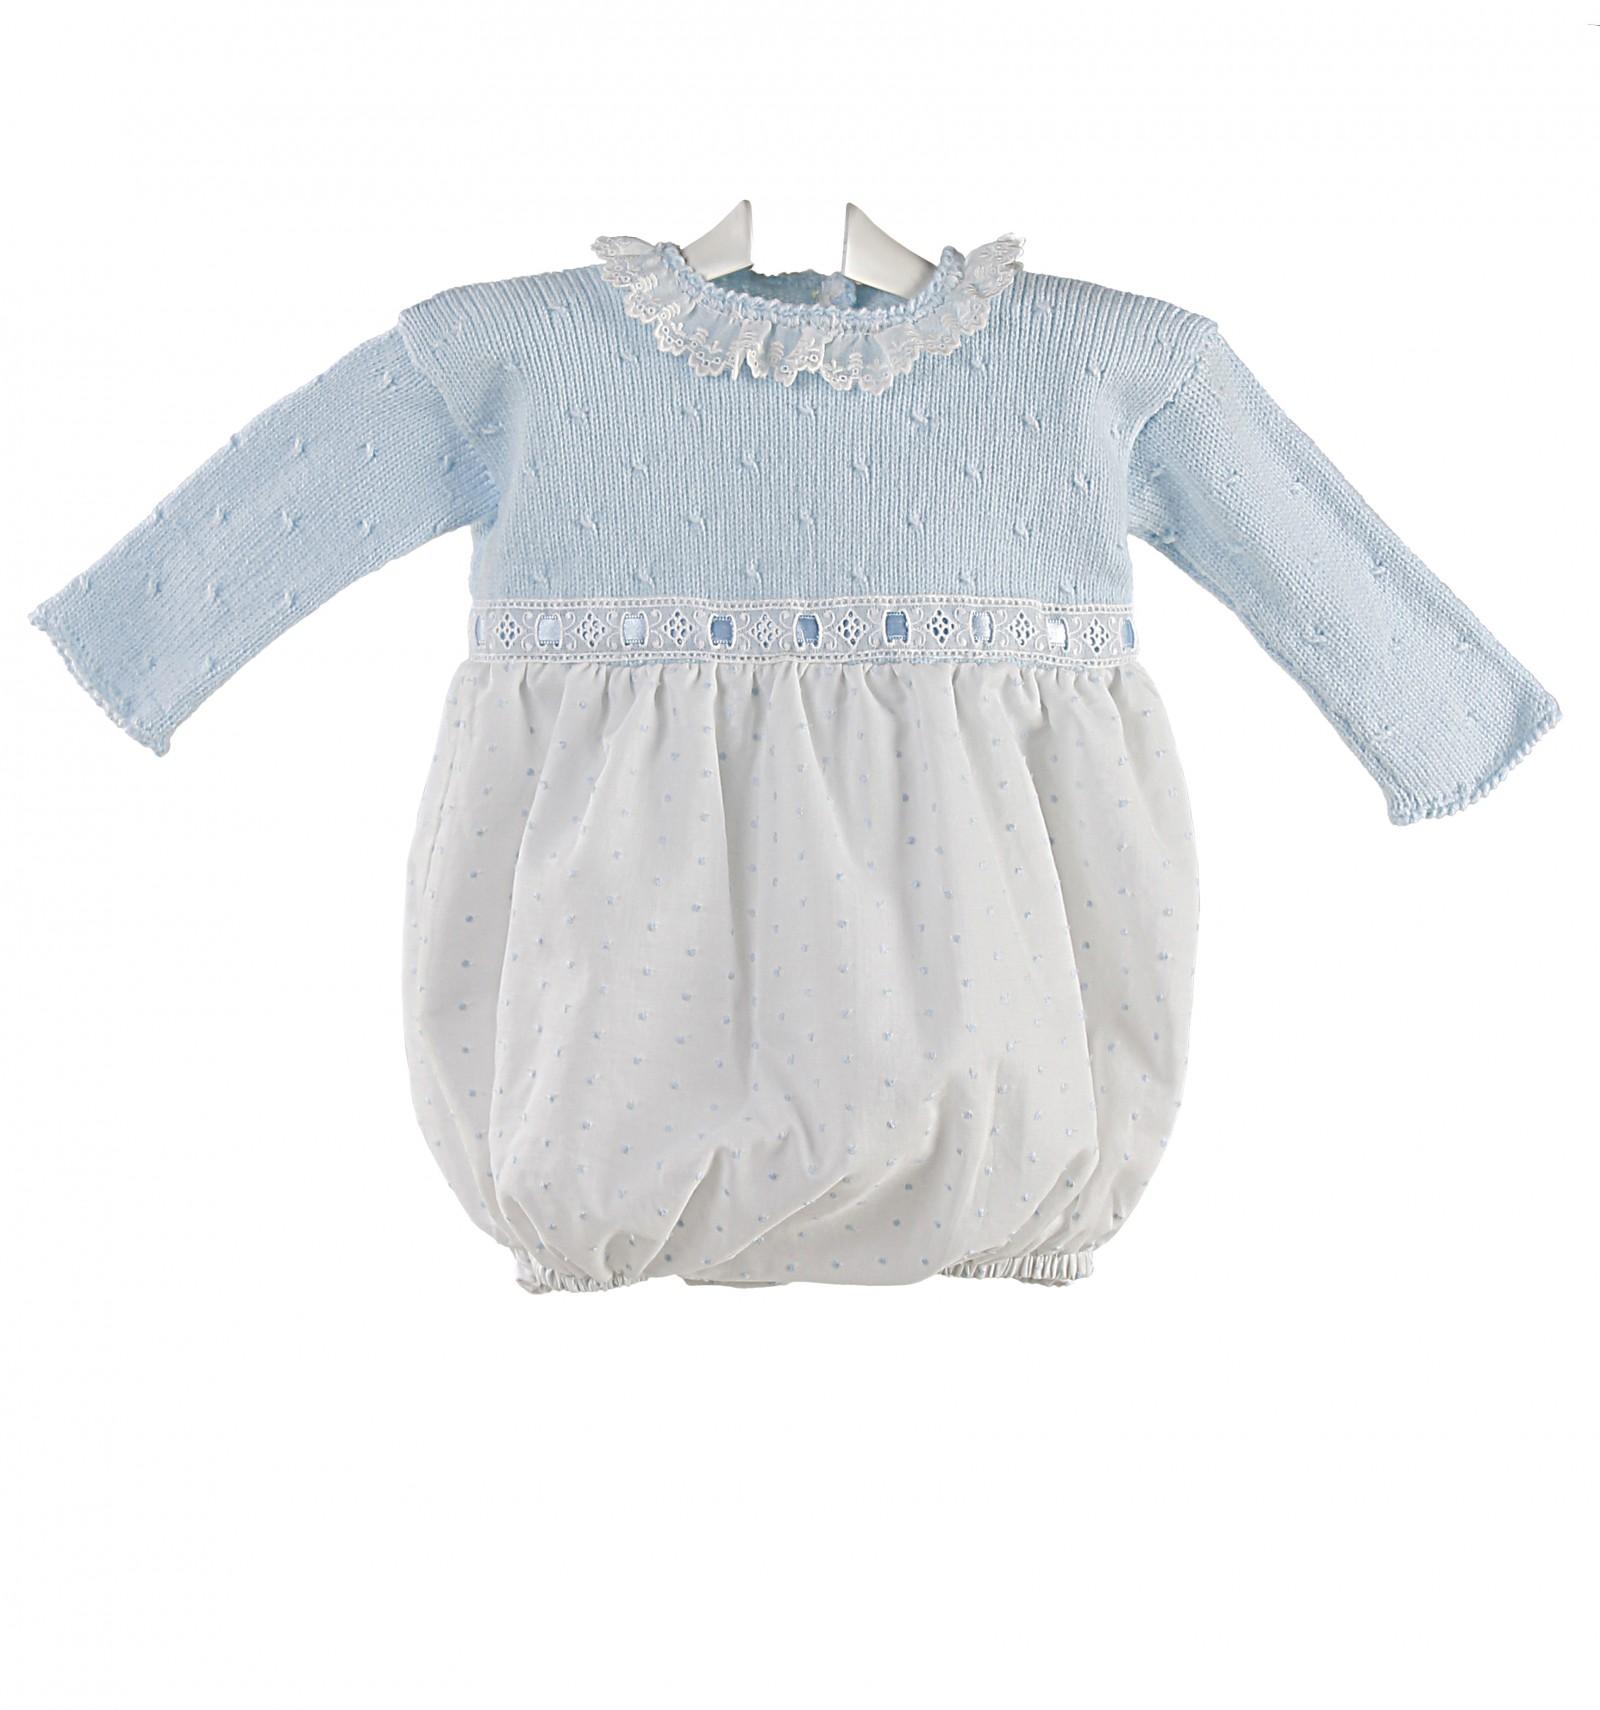 ranita bebe de ceremonia y bautizo para bebe de lana y plumeti. 070fb9296c2